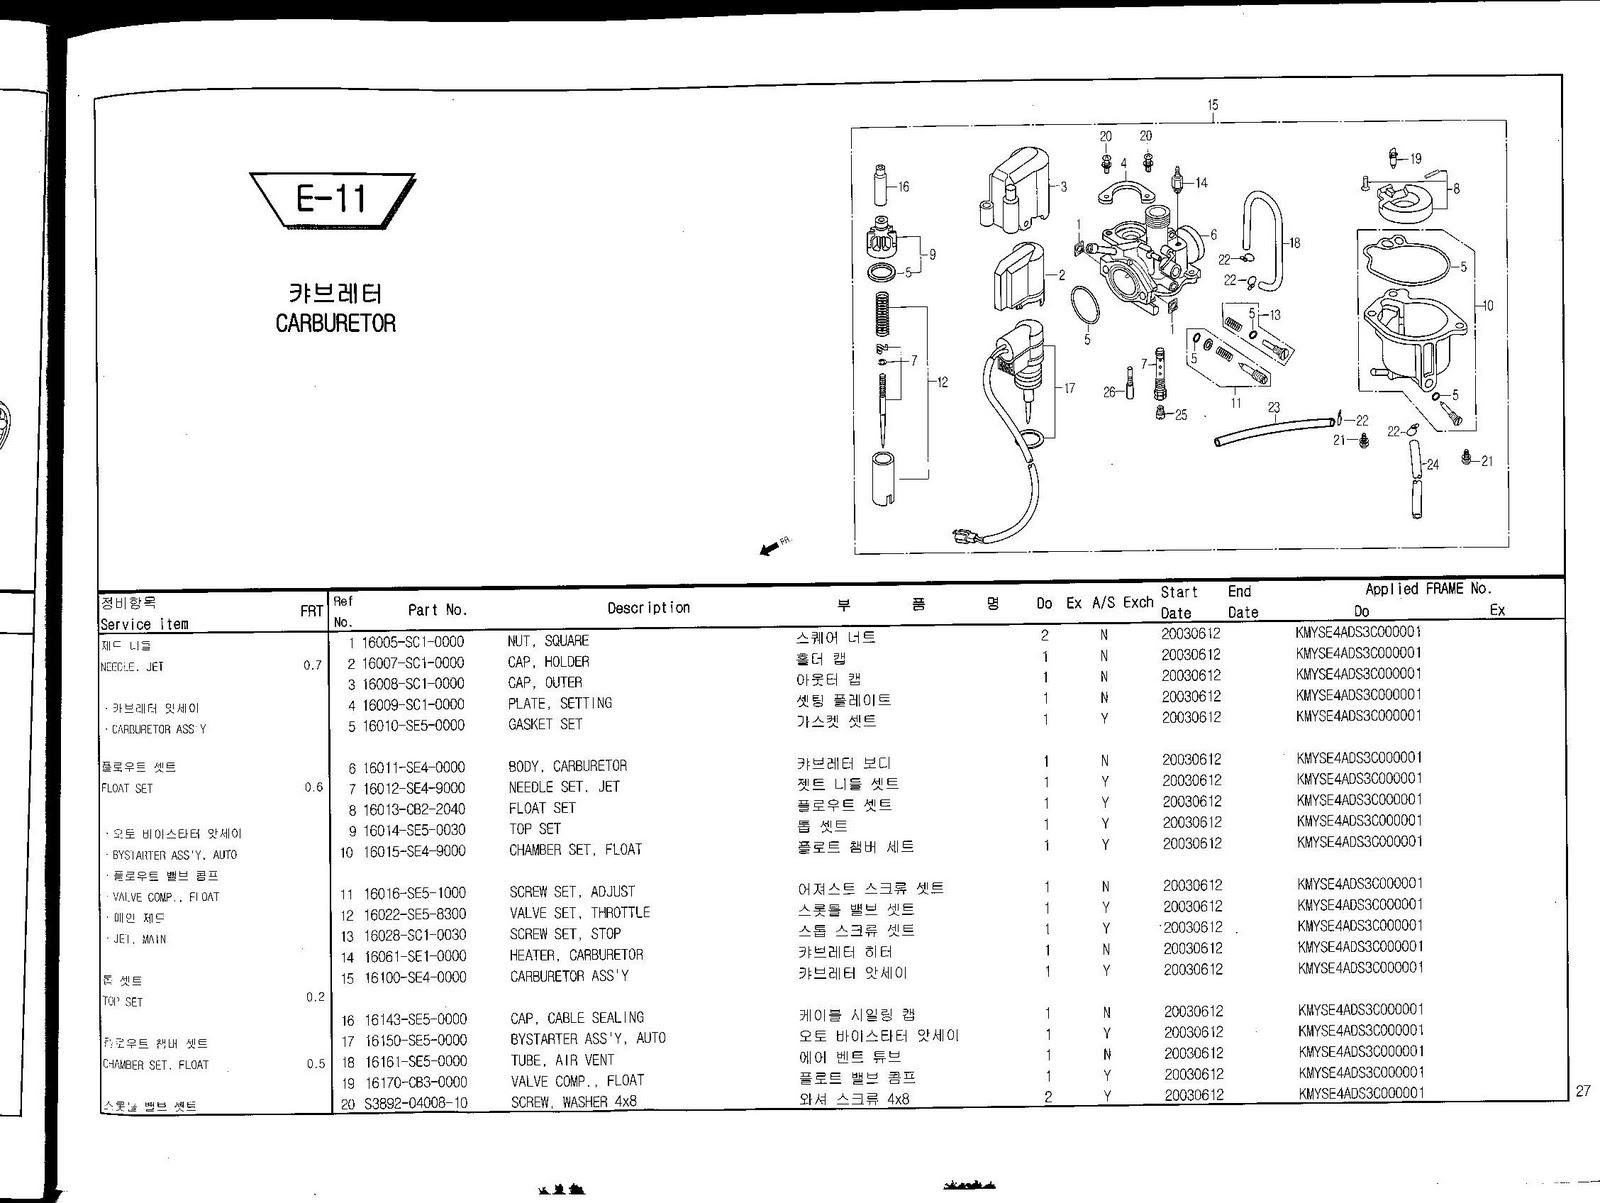 baotian qt50 manual